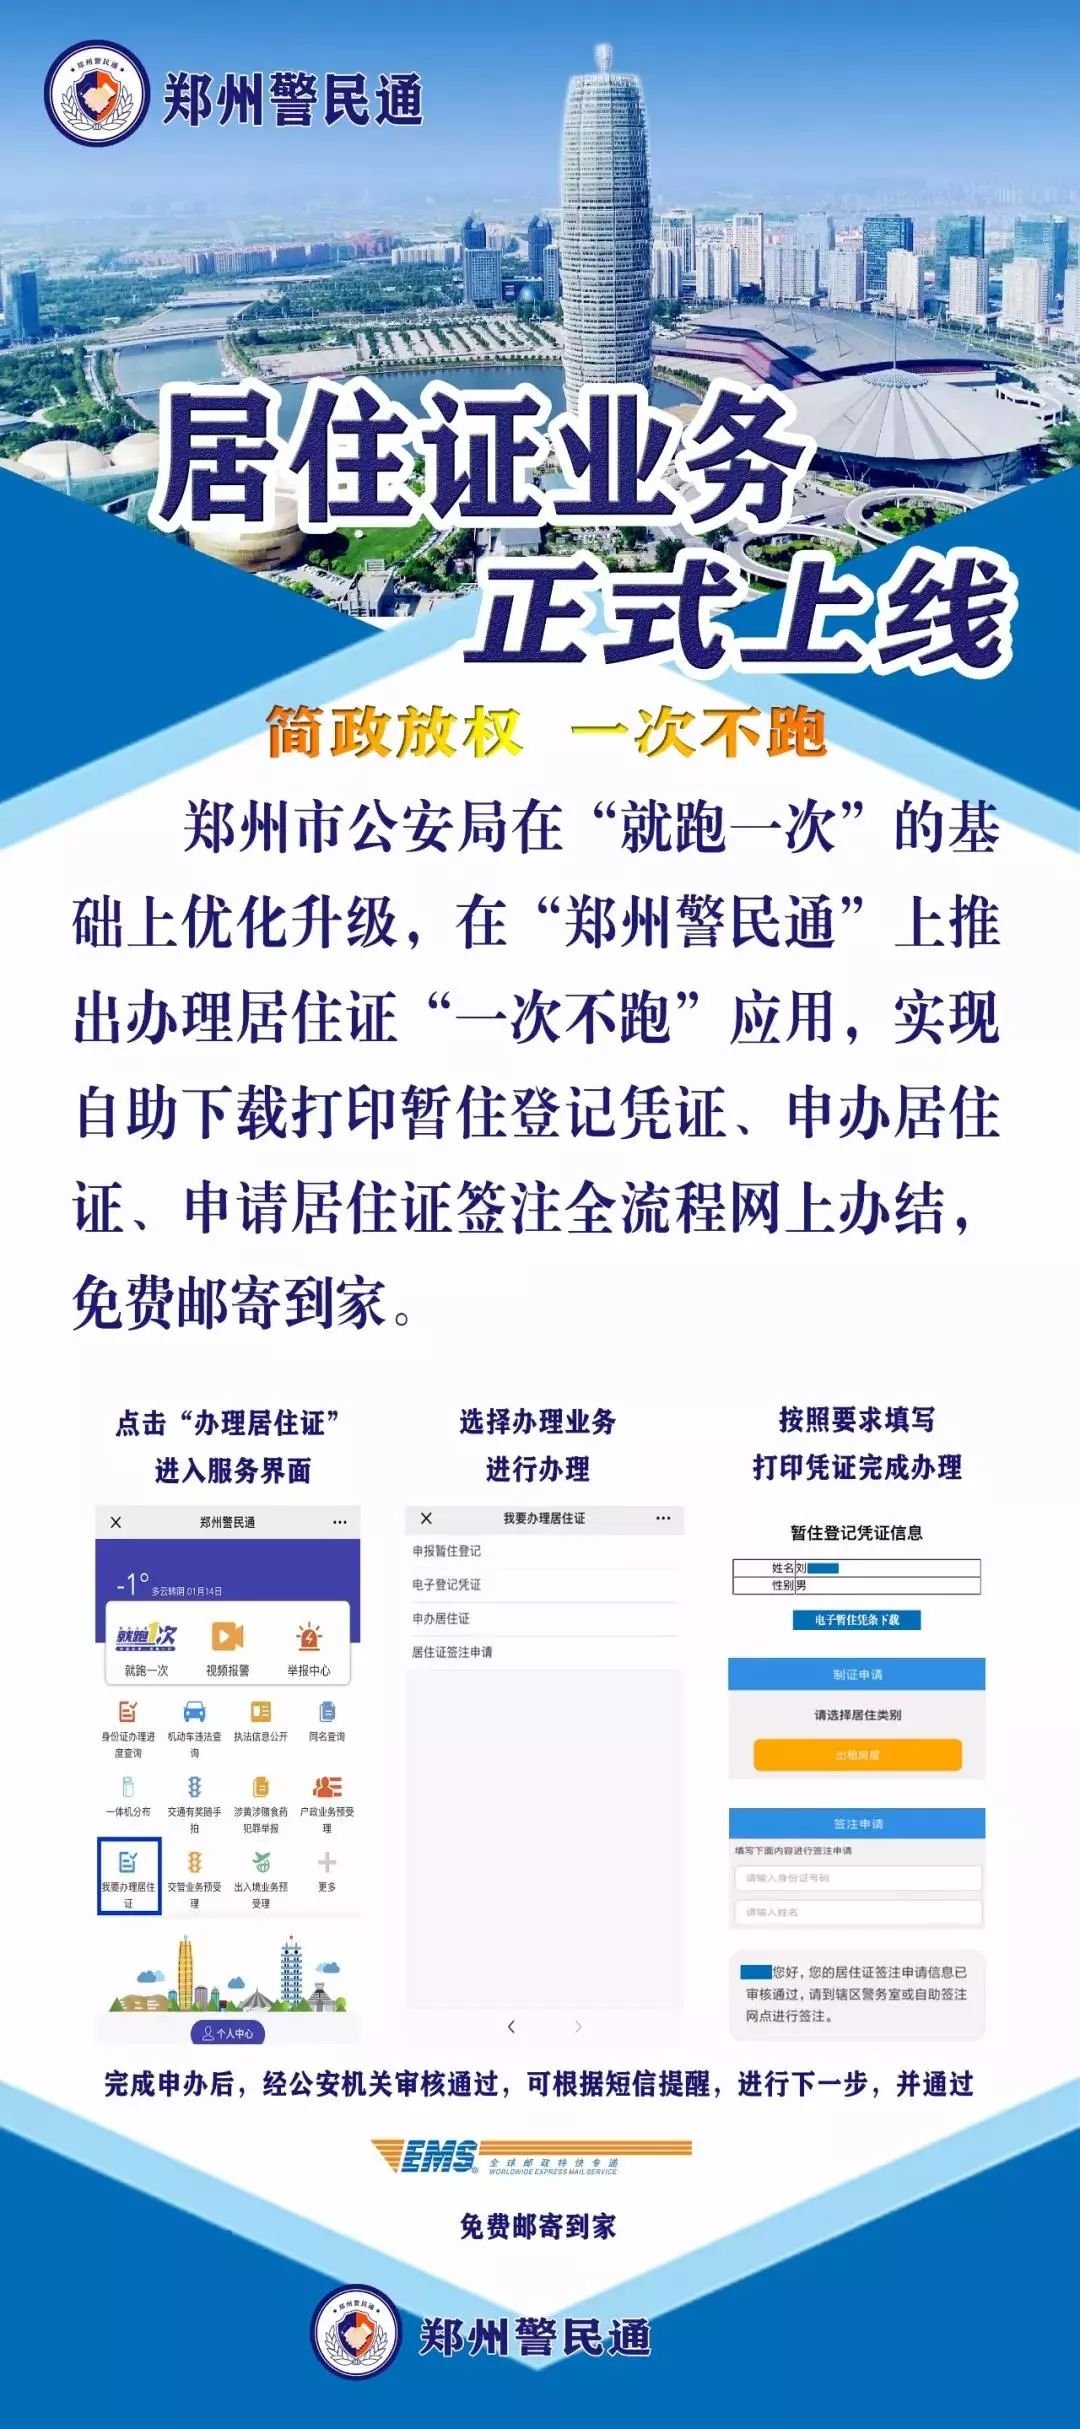 好消息,郑州居住证可以网上办理了,还能免费邮寄到家!